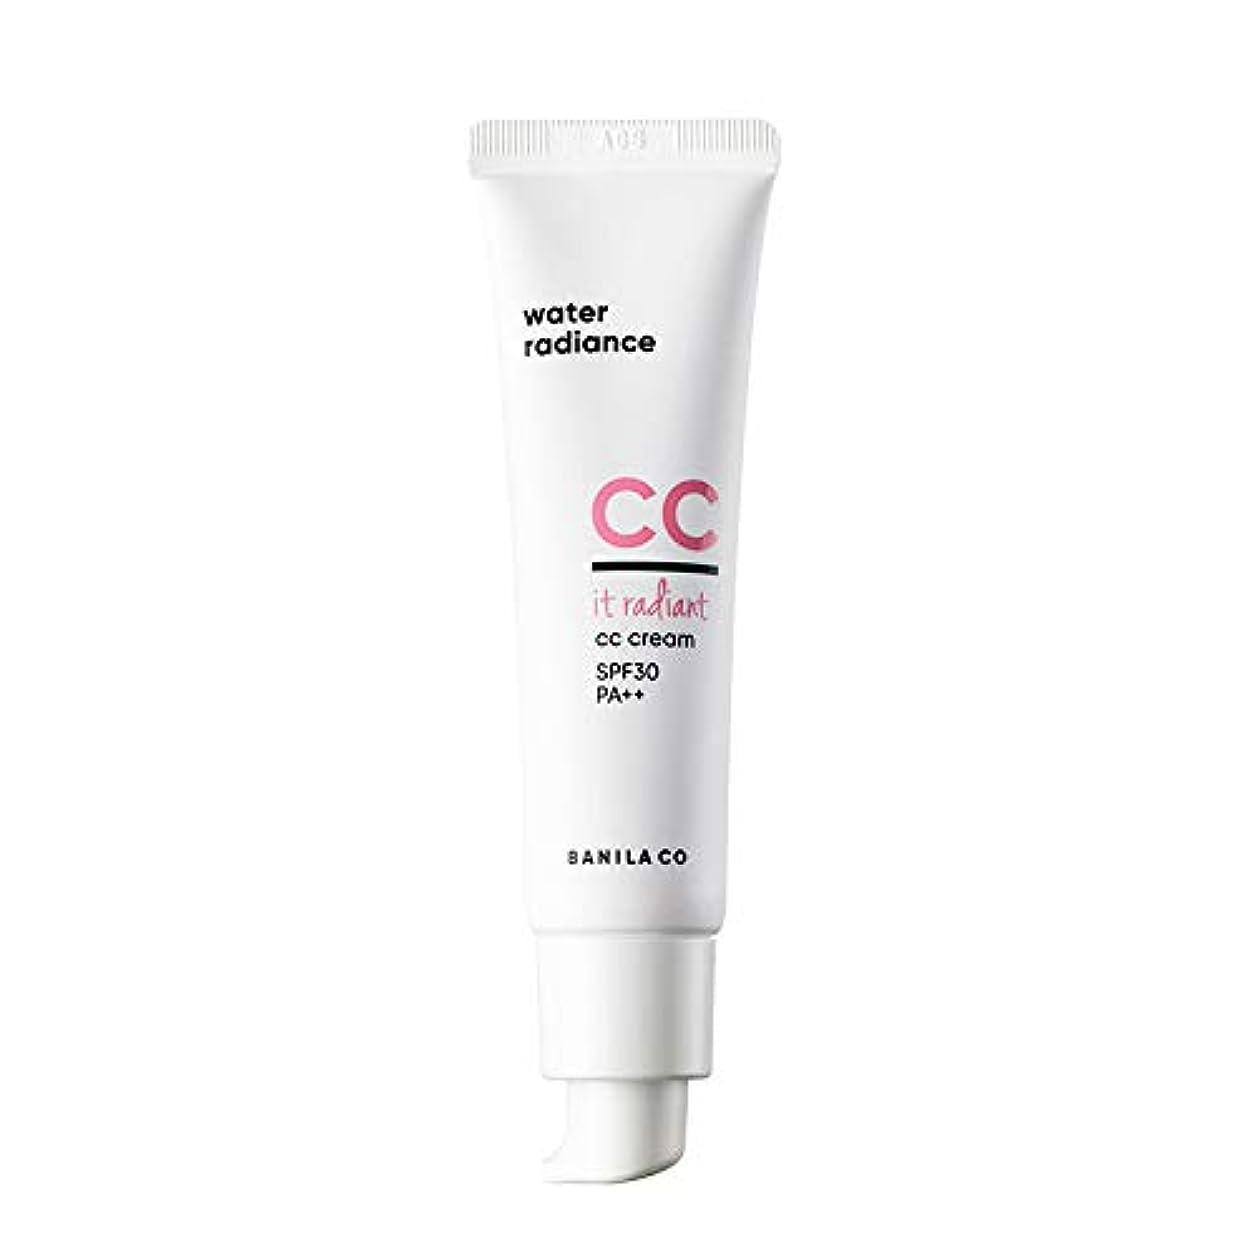 エンコミウムパワーセルもつれBANILA CO(バニラコ) イットレディアント ccクリーム It Radiant CC Cream